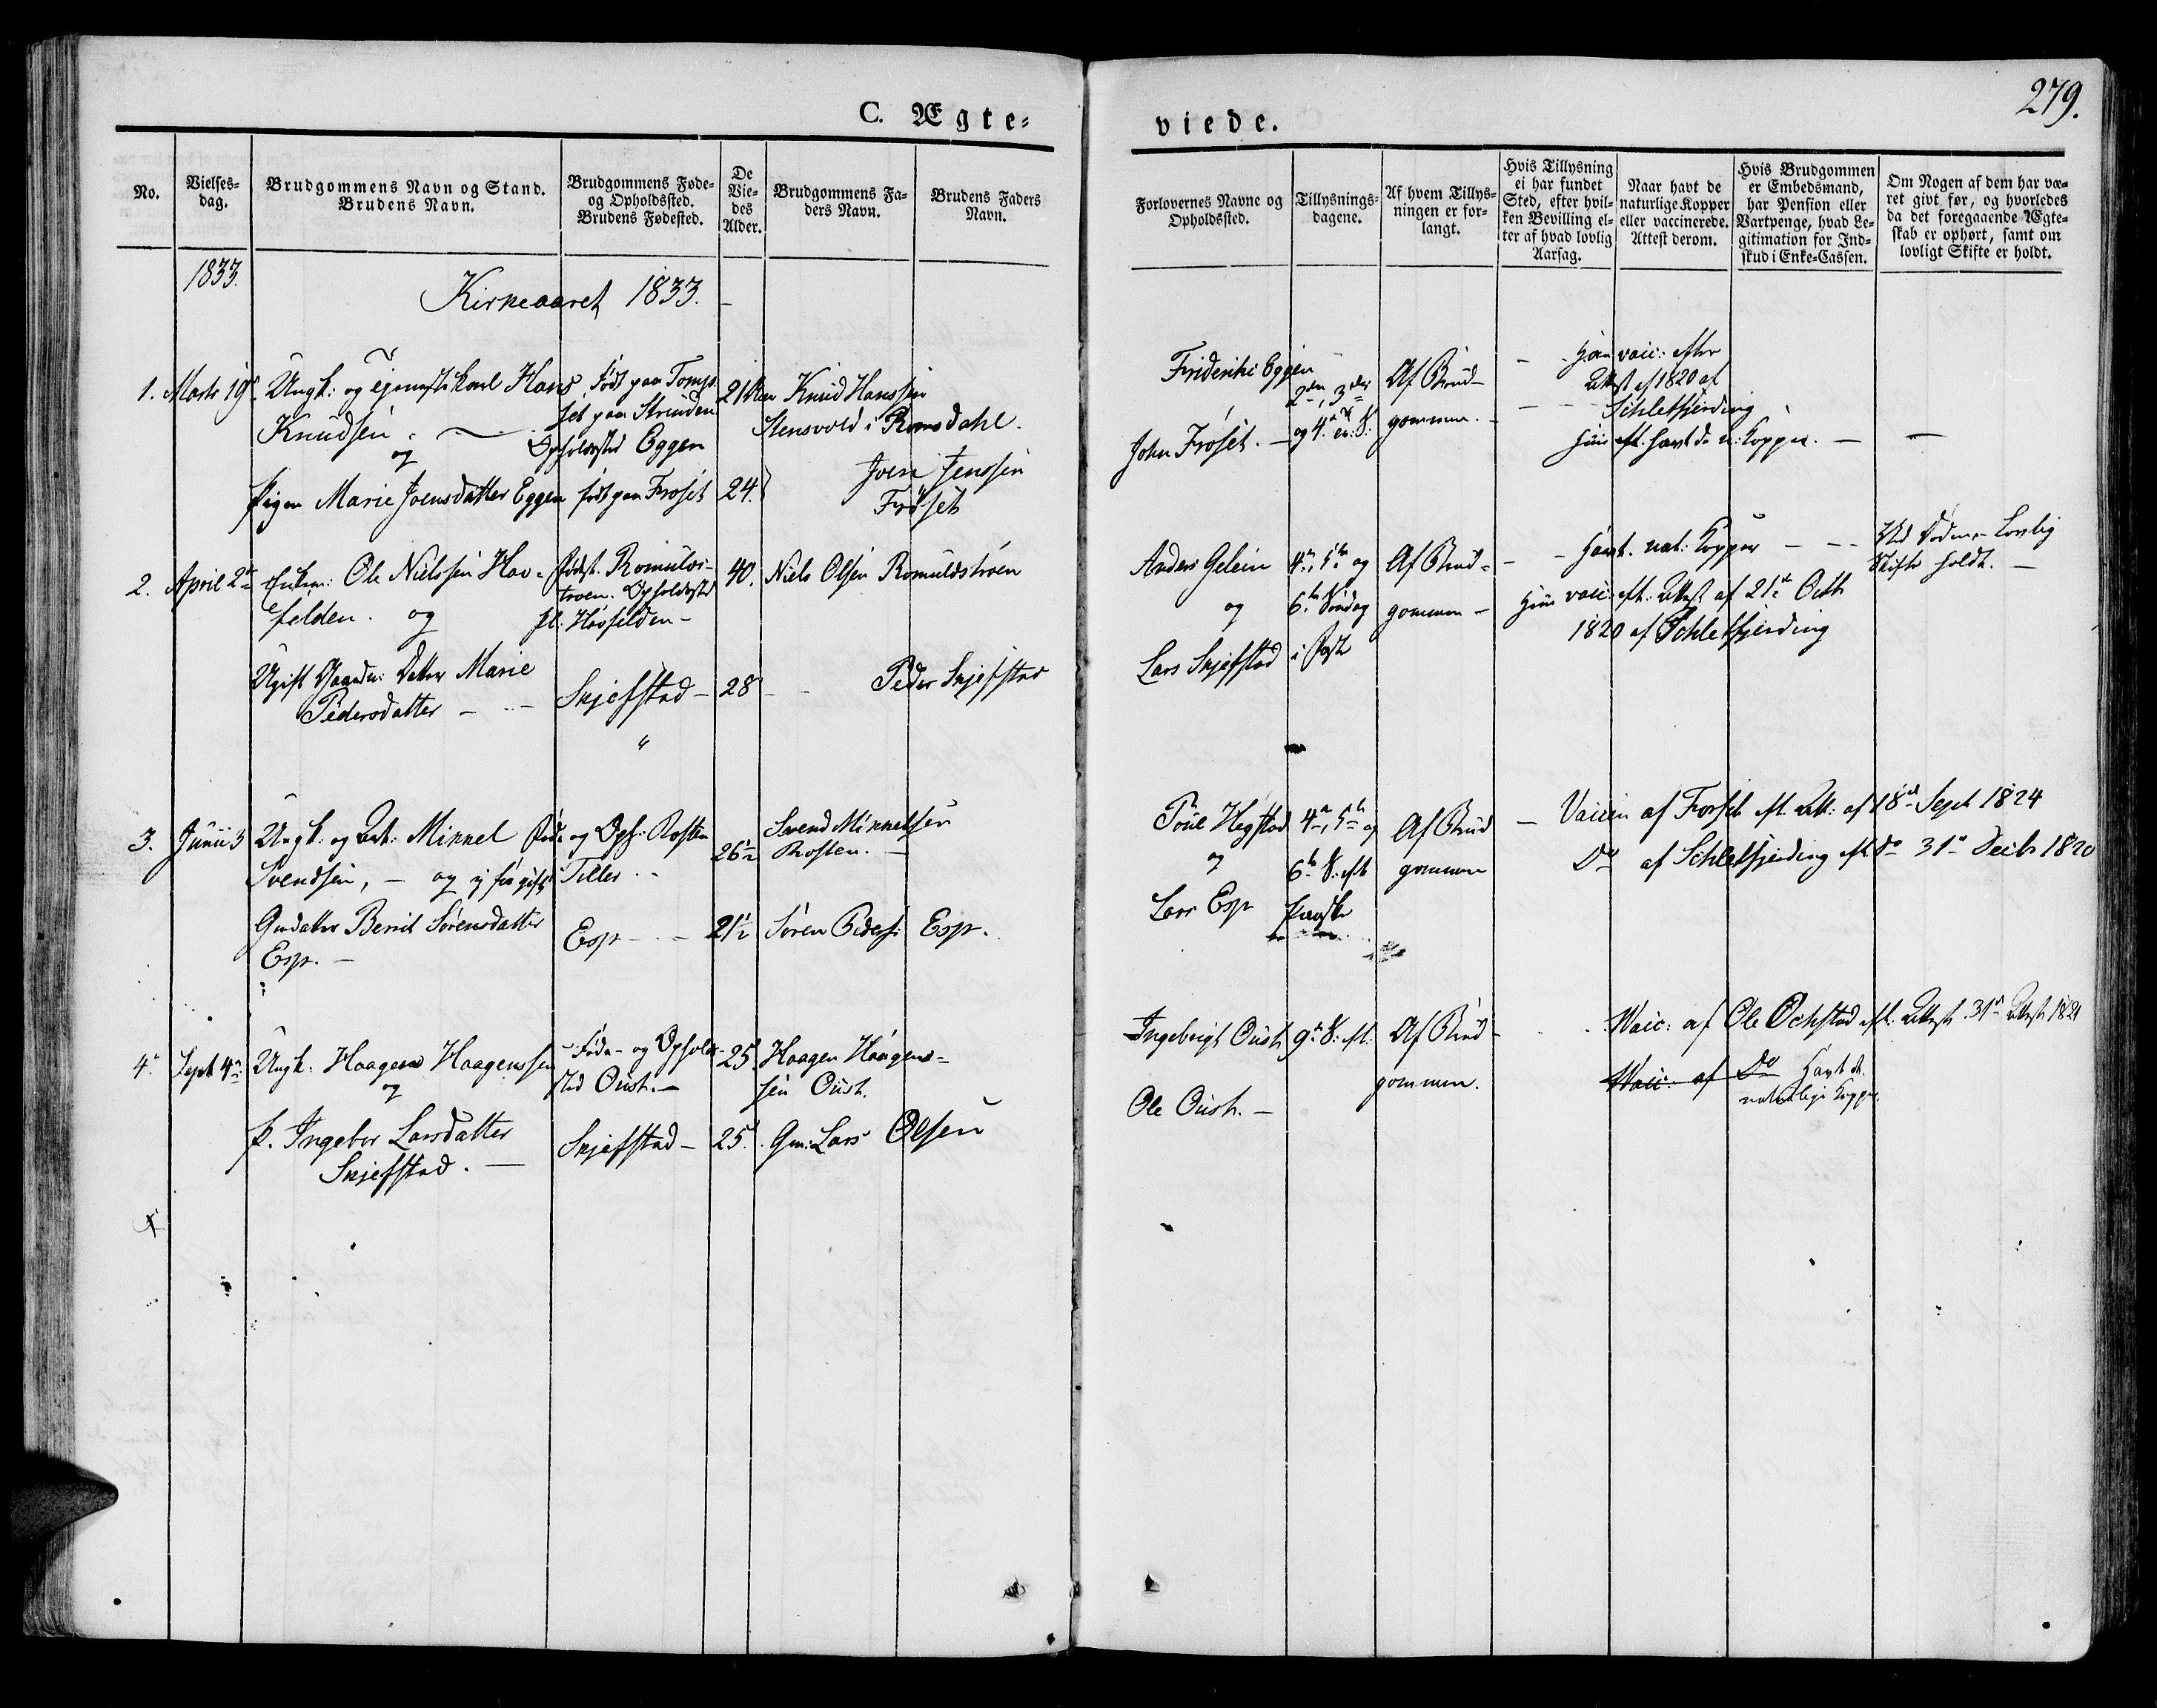 SAT, Ministerialprotokoller, klokkerbøker og fødselsregistre - Sør-Trøndelag, 691/L1071: Ministerialbok nr. 691A05 /2, 1826-1841, s. 279